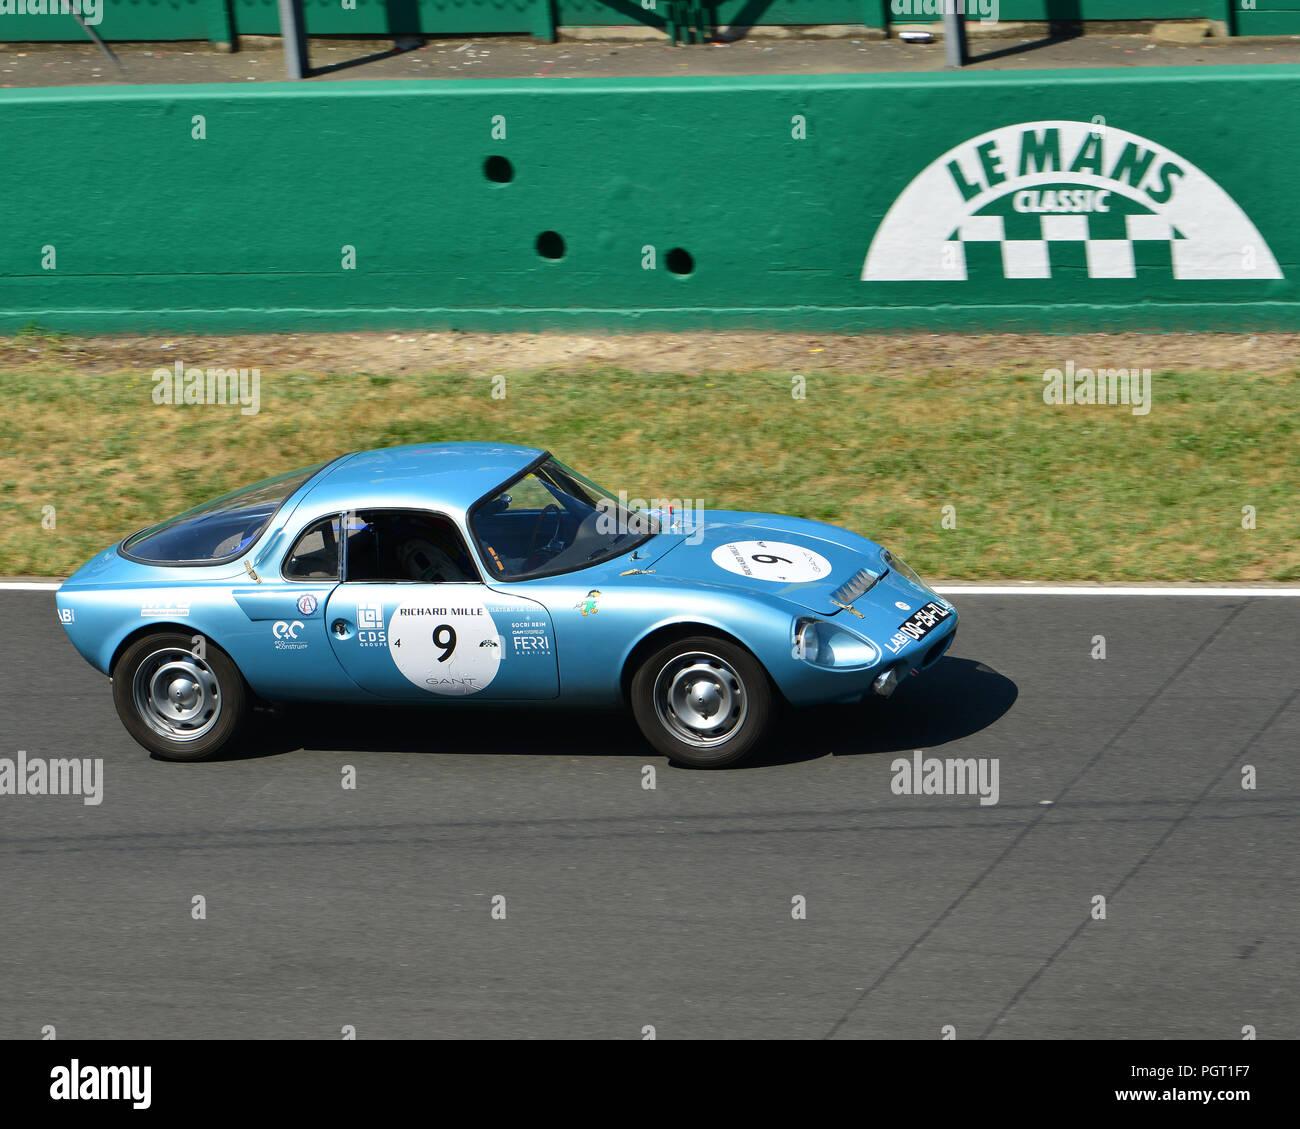 Antoine Laureau, Antoine Moreau, J Laureau, Rene Bonnet Aerodjet, Plateau  4, Grid 4, 1962 to 1965 cars, Le Mans Classic 2018, July 2018, Le Mans, Fra 5056d371908